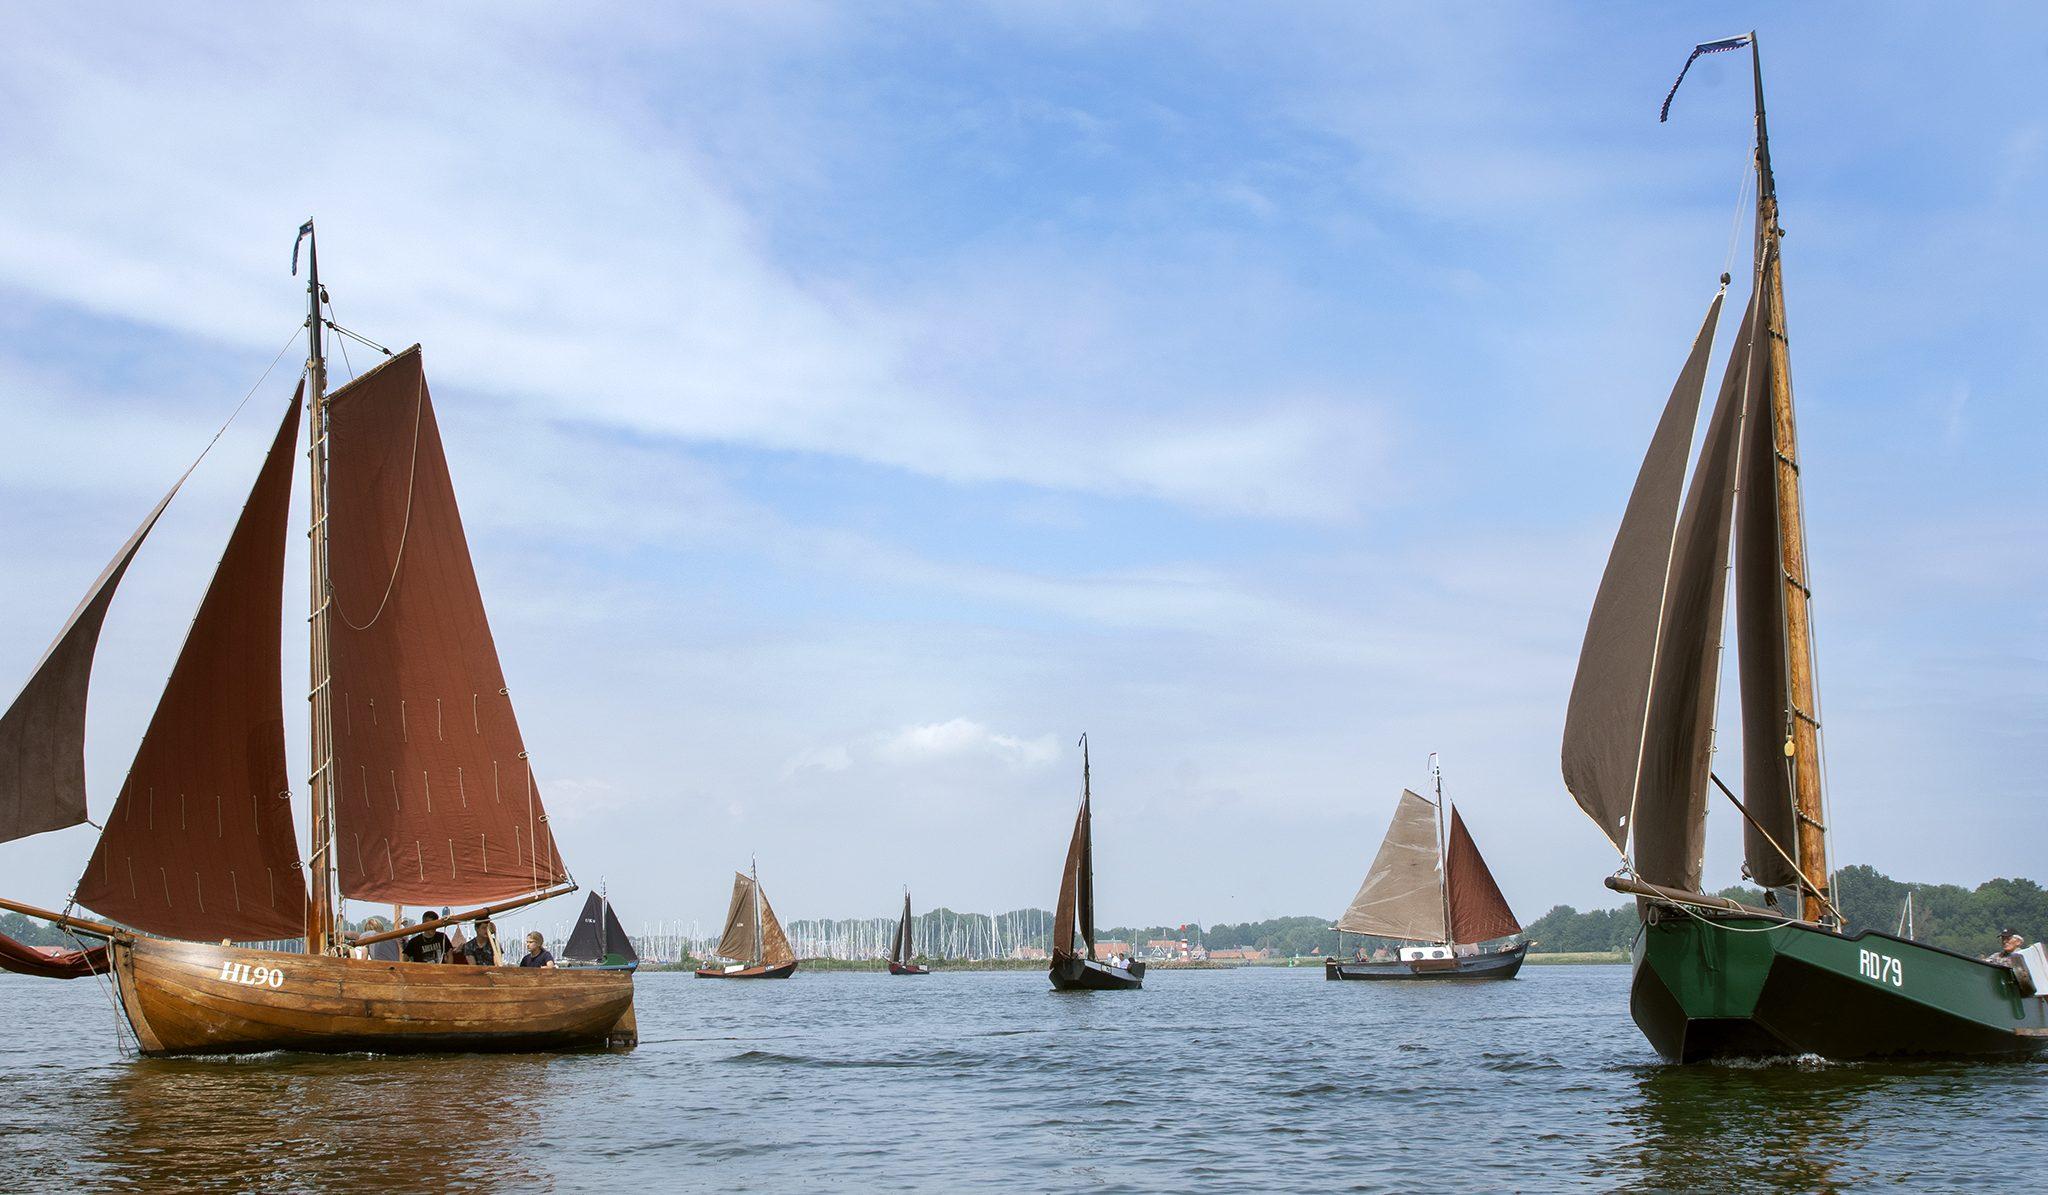 De houten jol HL-90 van de Jonge Vissers onder Zeil uit Workum won. (Foto Hajo Olij)